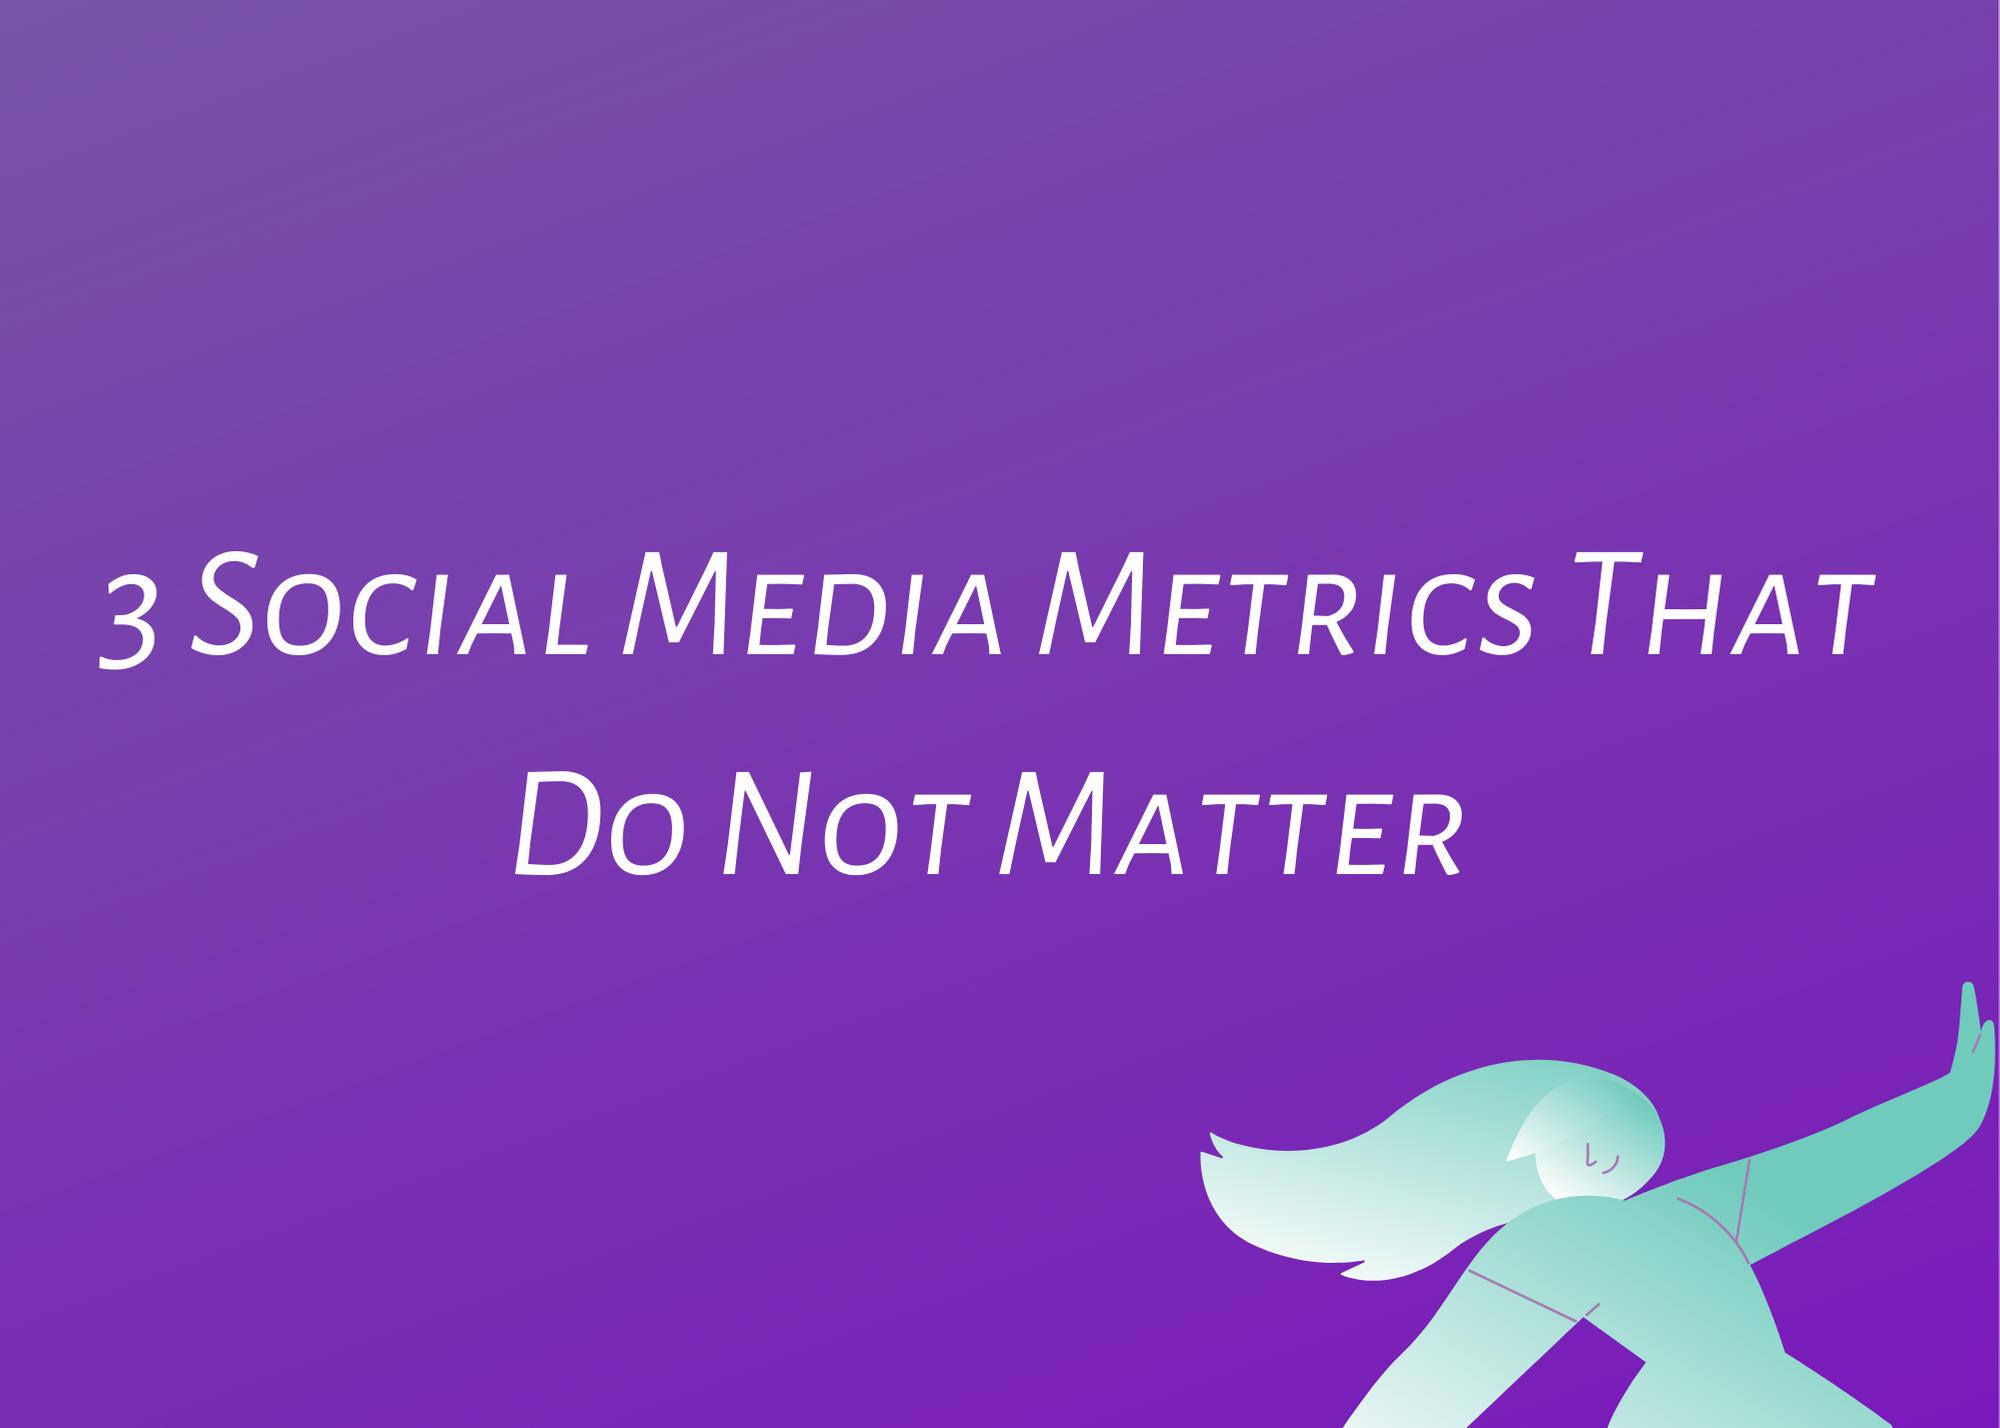 3 Social Media Metrics that do not matter